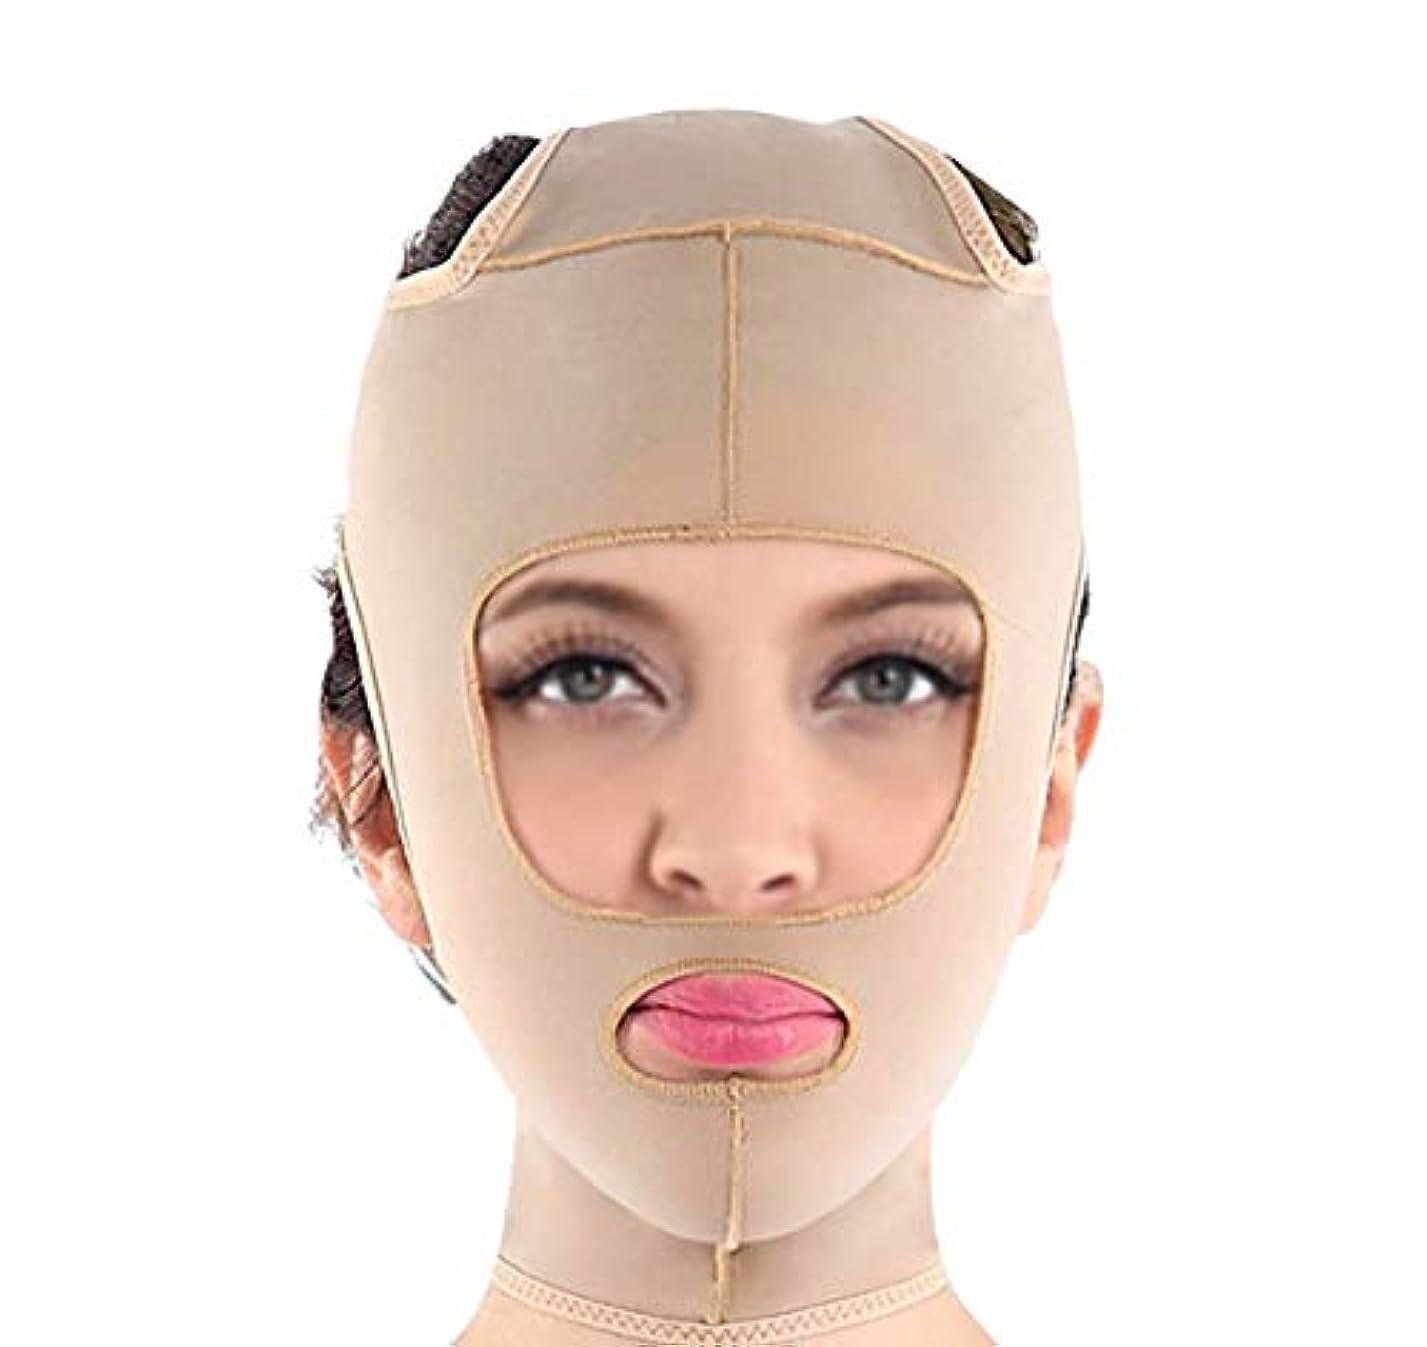 非常に宿る接尾辞フェイスリフティングマスクで肌をよりしっかりと保ち、V字型の顔を形作り、超薄型の通気性、調節可能で快適な着用感(サイズ:Xl),Xl